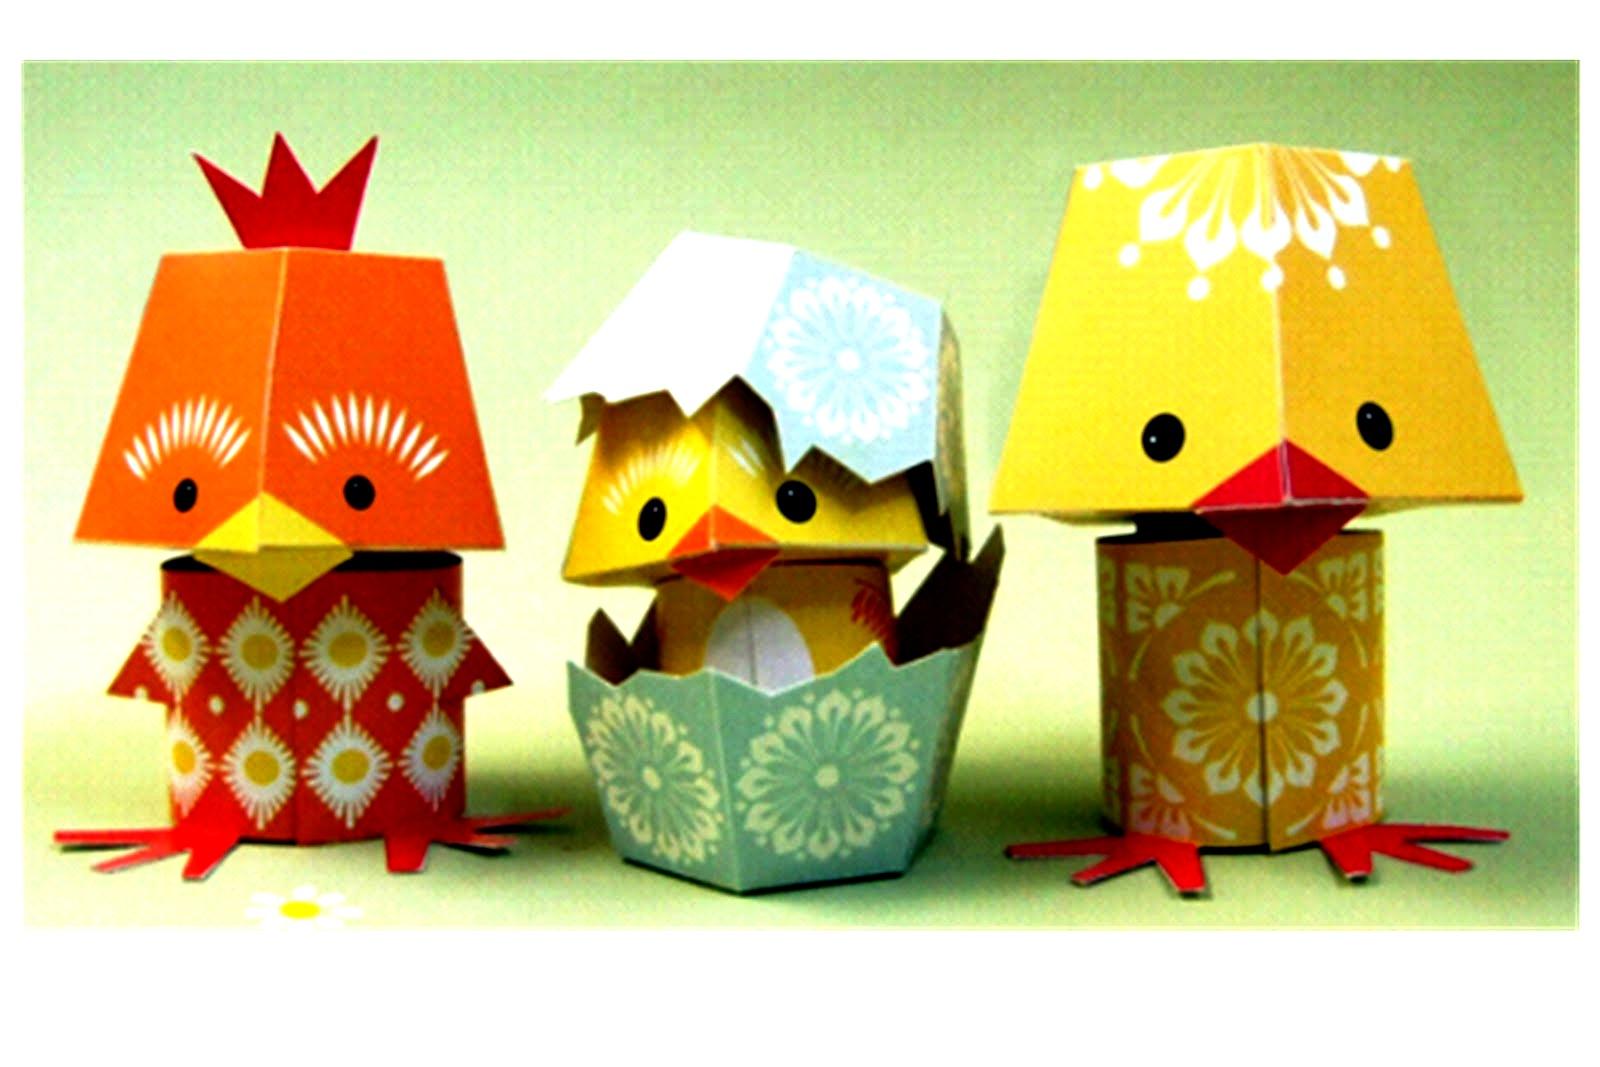 «Поделки из бумаги для детей 4-5 лет» коллекция пользователя 90